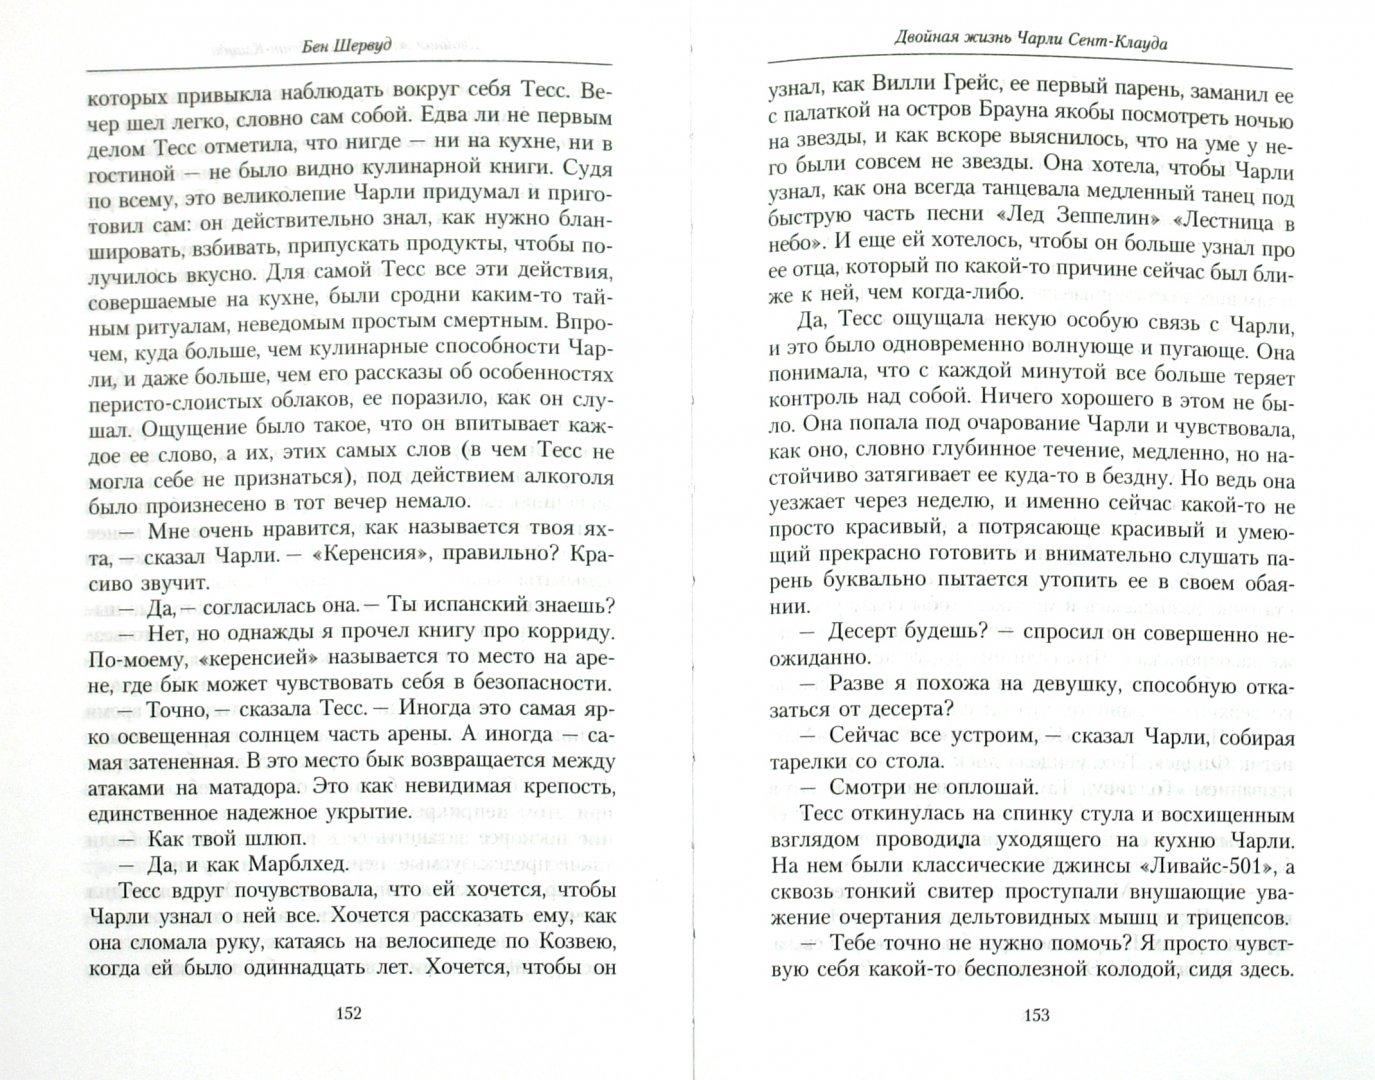 Иллюстрация 1 из 2 для Двойная жизнь Чарли Сент-Клауда - Бен Шервуд | Лабиринт - книги. Источник: Лабиринт